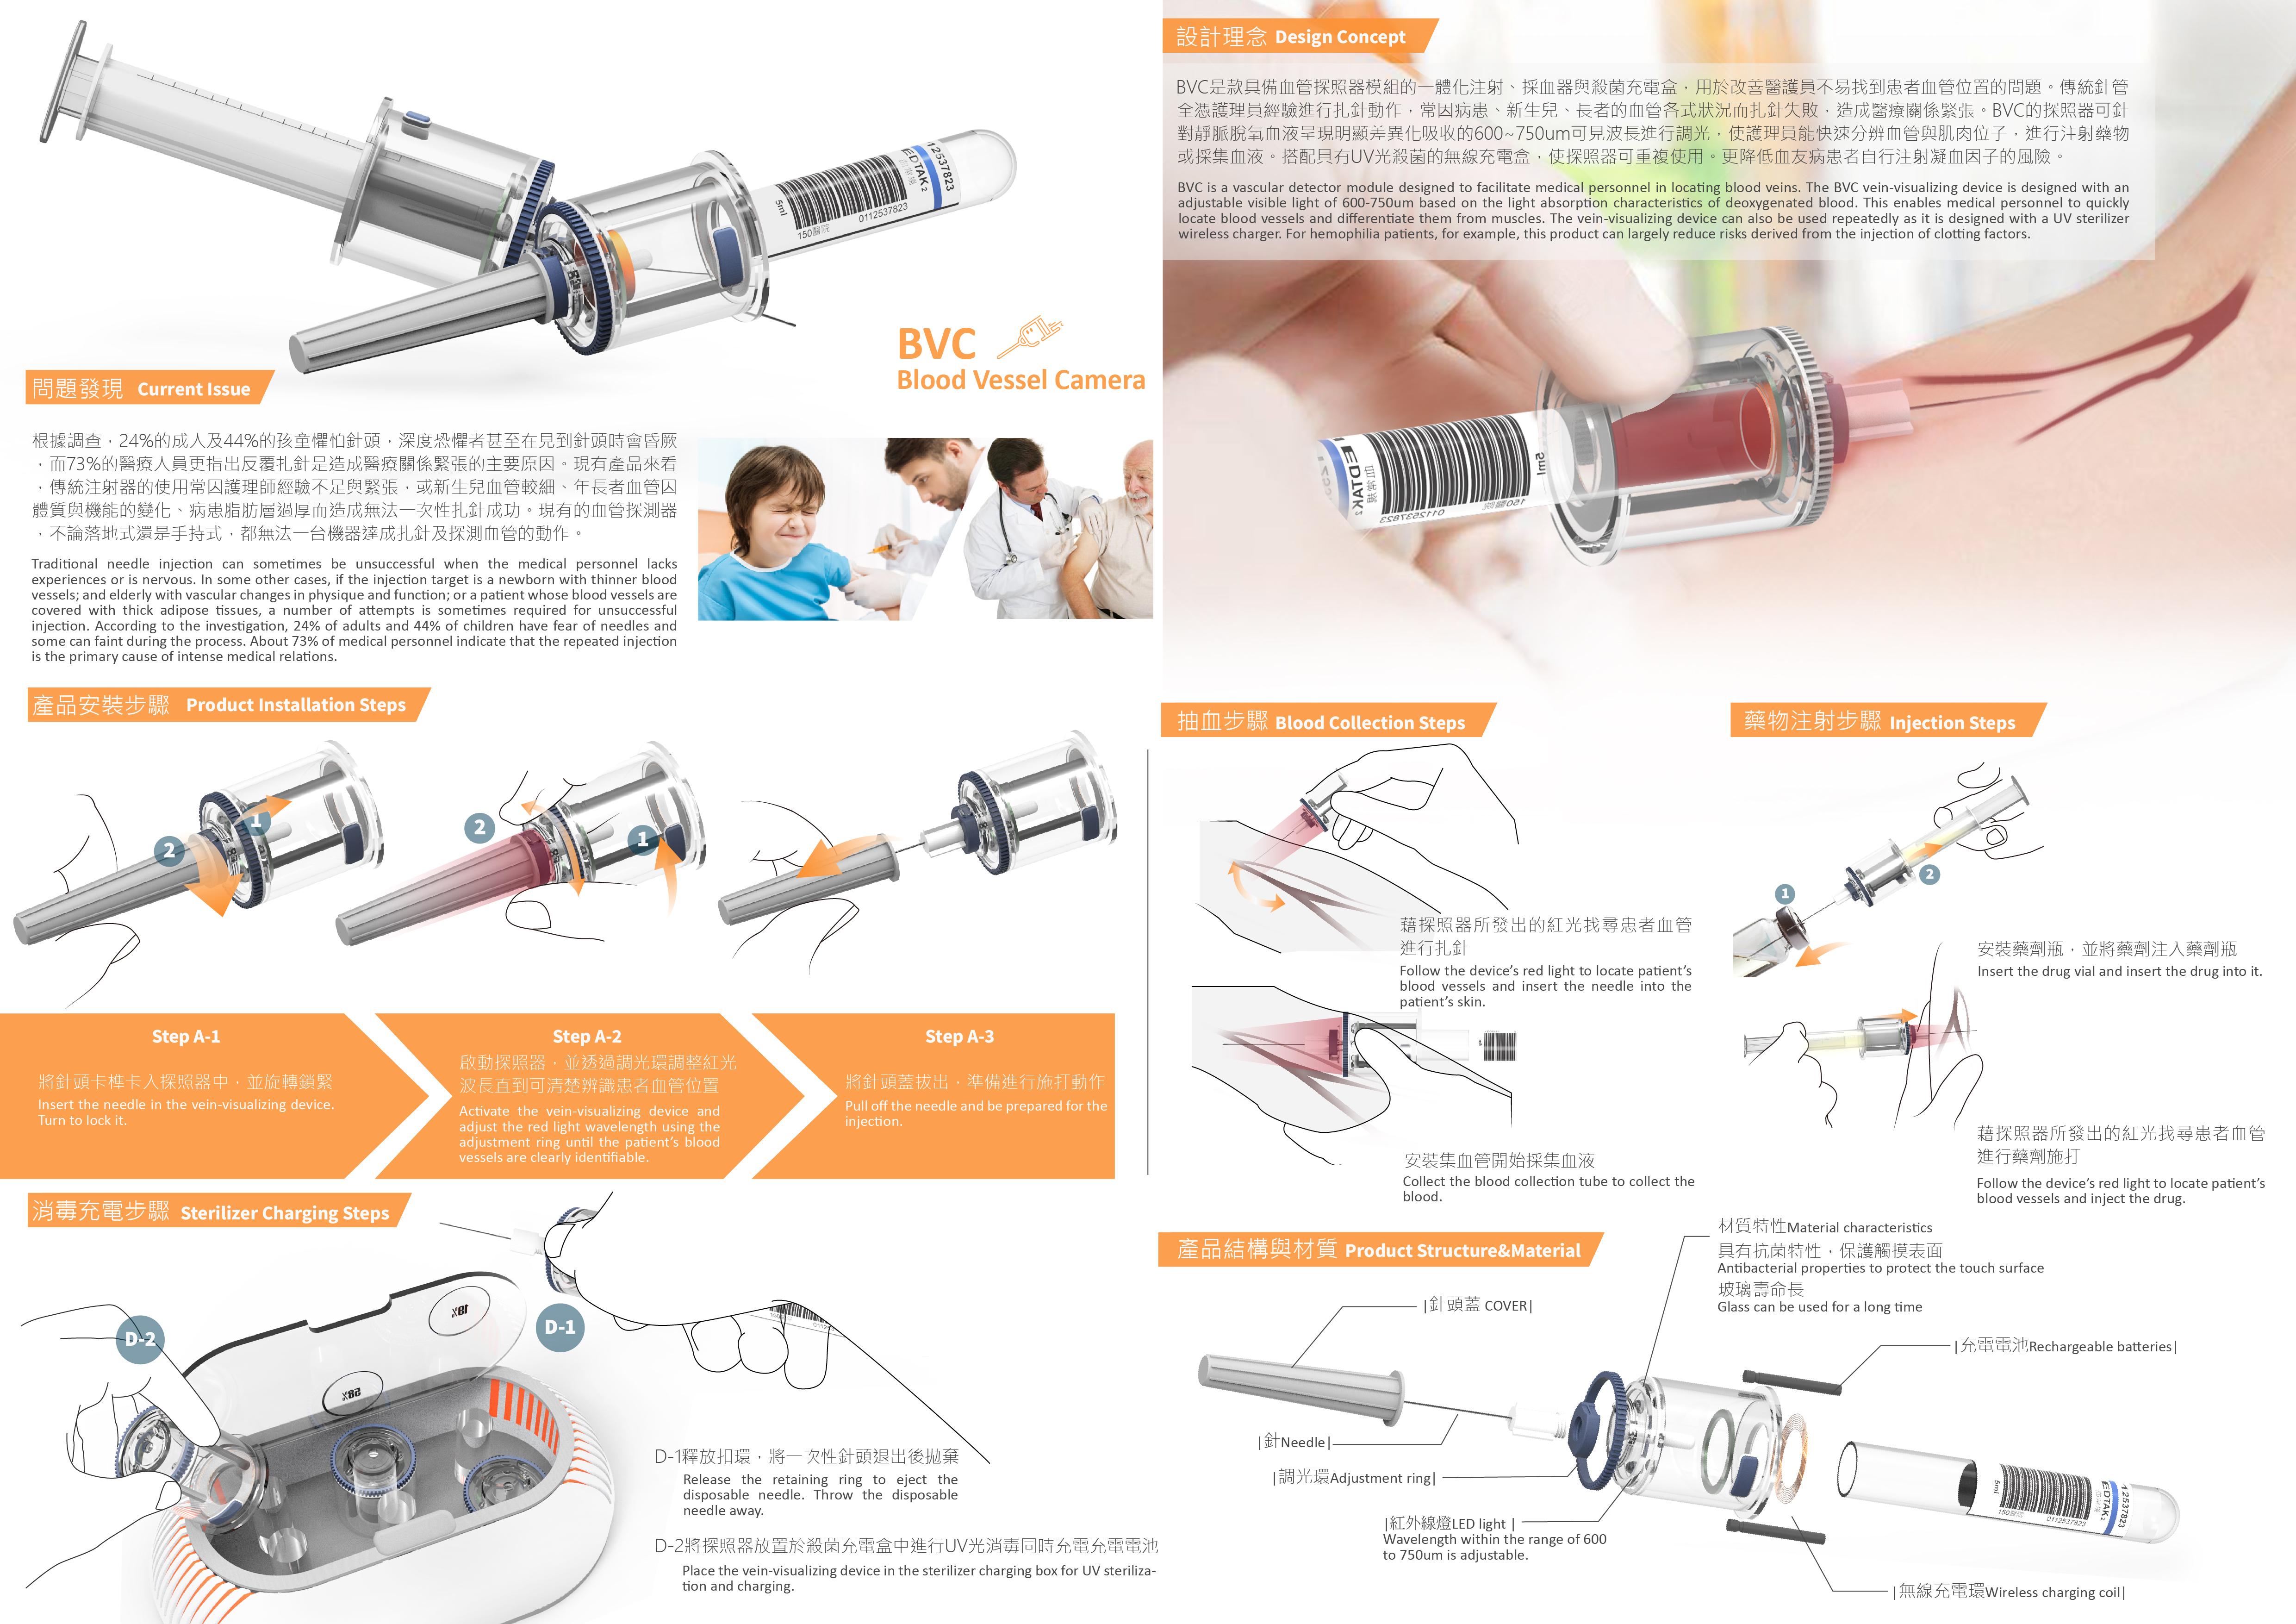 血管探照器